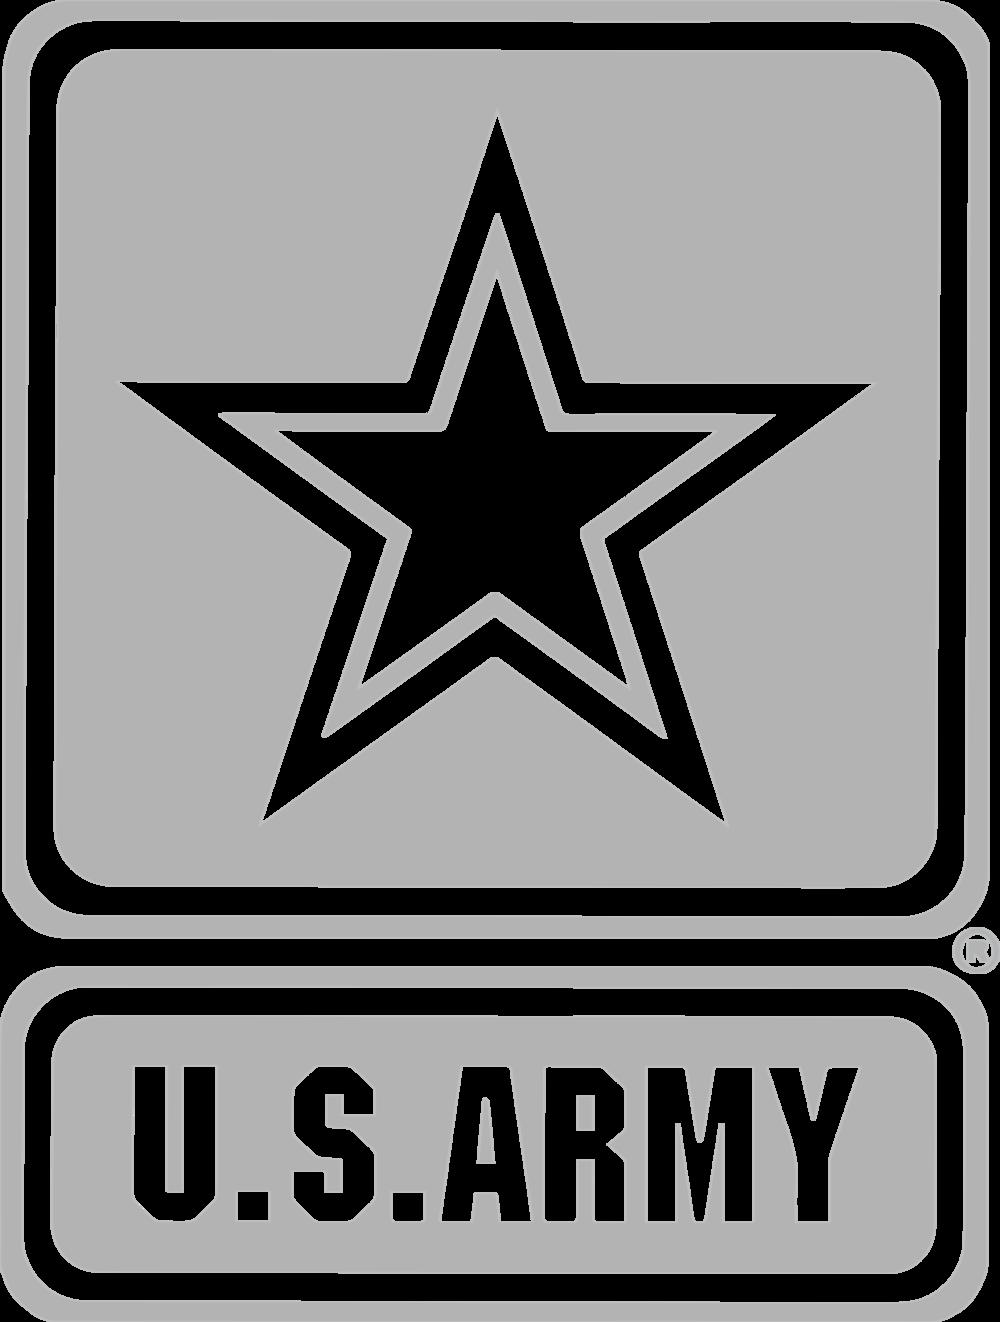 ArmyLogo.png